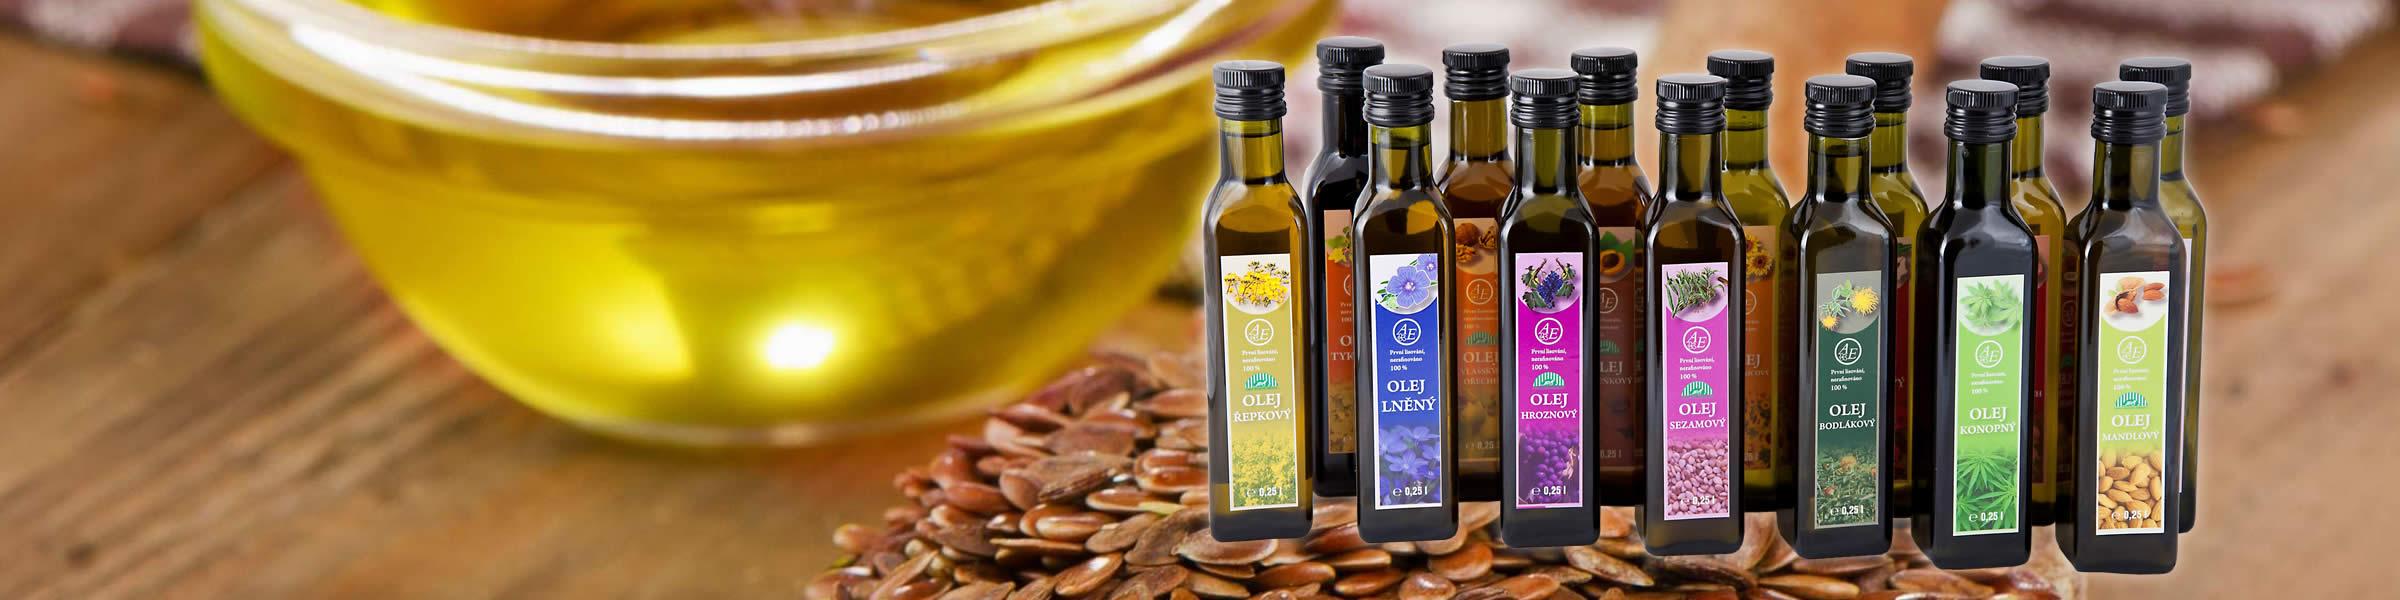 Agro-el (všechny oleje)